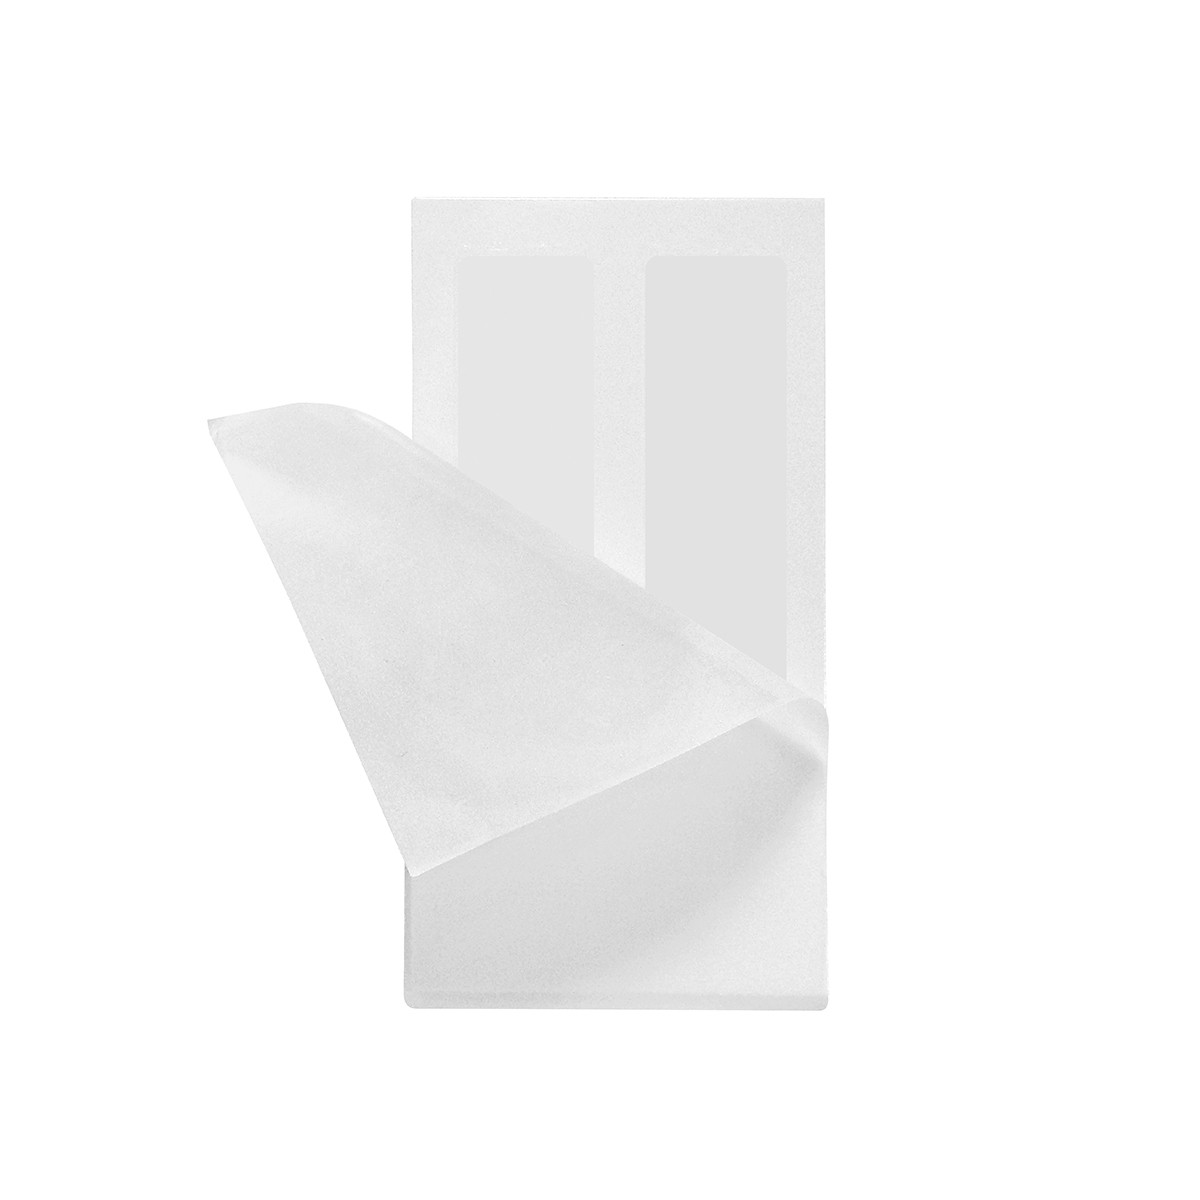 Ricarica Carta Adesiva Per Distruttore Insetti Led 4 W